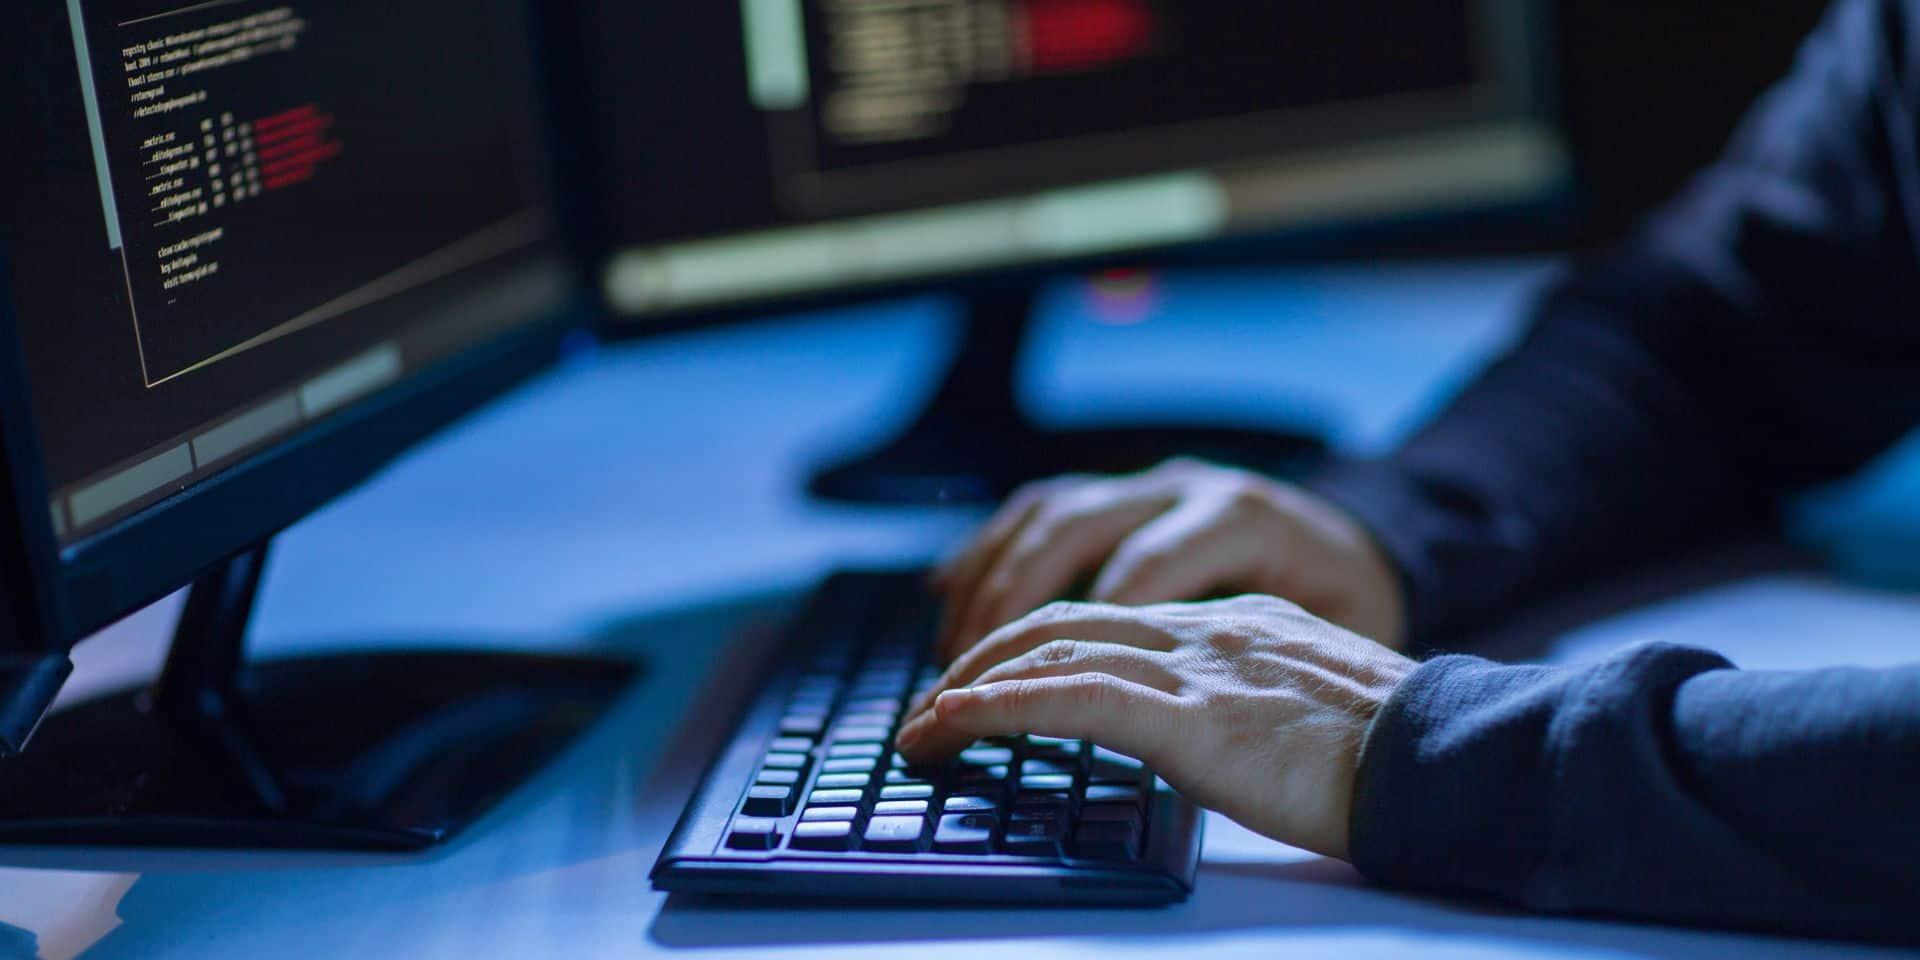 """La Belgique cible d'espionnage ? Le SPF Intérieur a été victime d'une cyberattaque """"complexe et ciblée"""""""